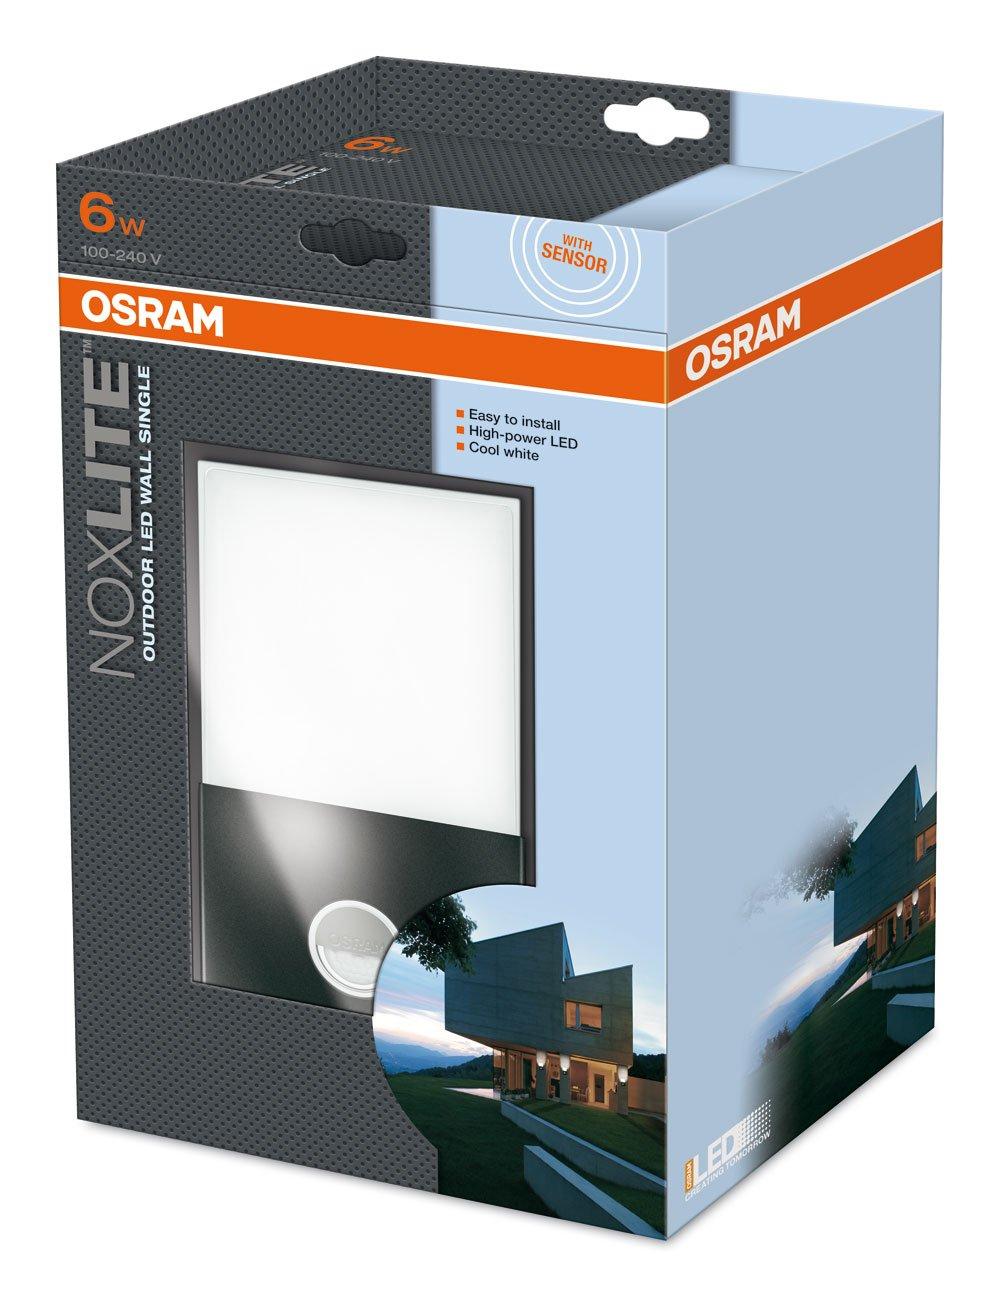 Osram 73282 Noxlite Wall - Lámpara de pared LED para exterior, con sensor de movimiento y claridad (2 bombillas, 6 W): Amazon.es: Hogar